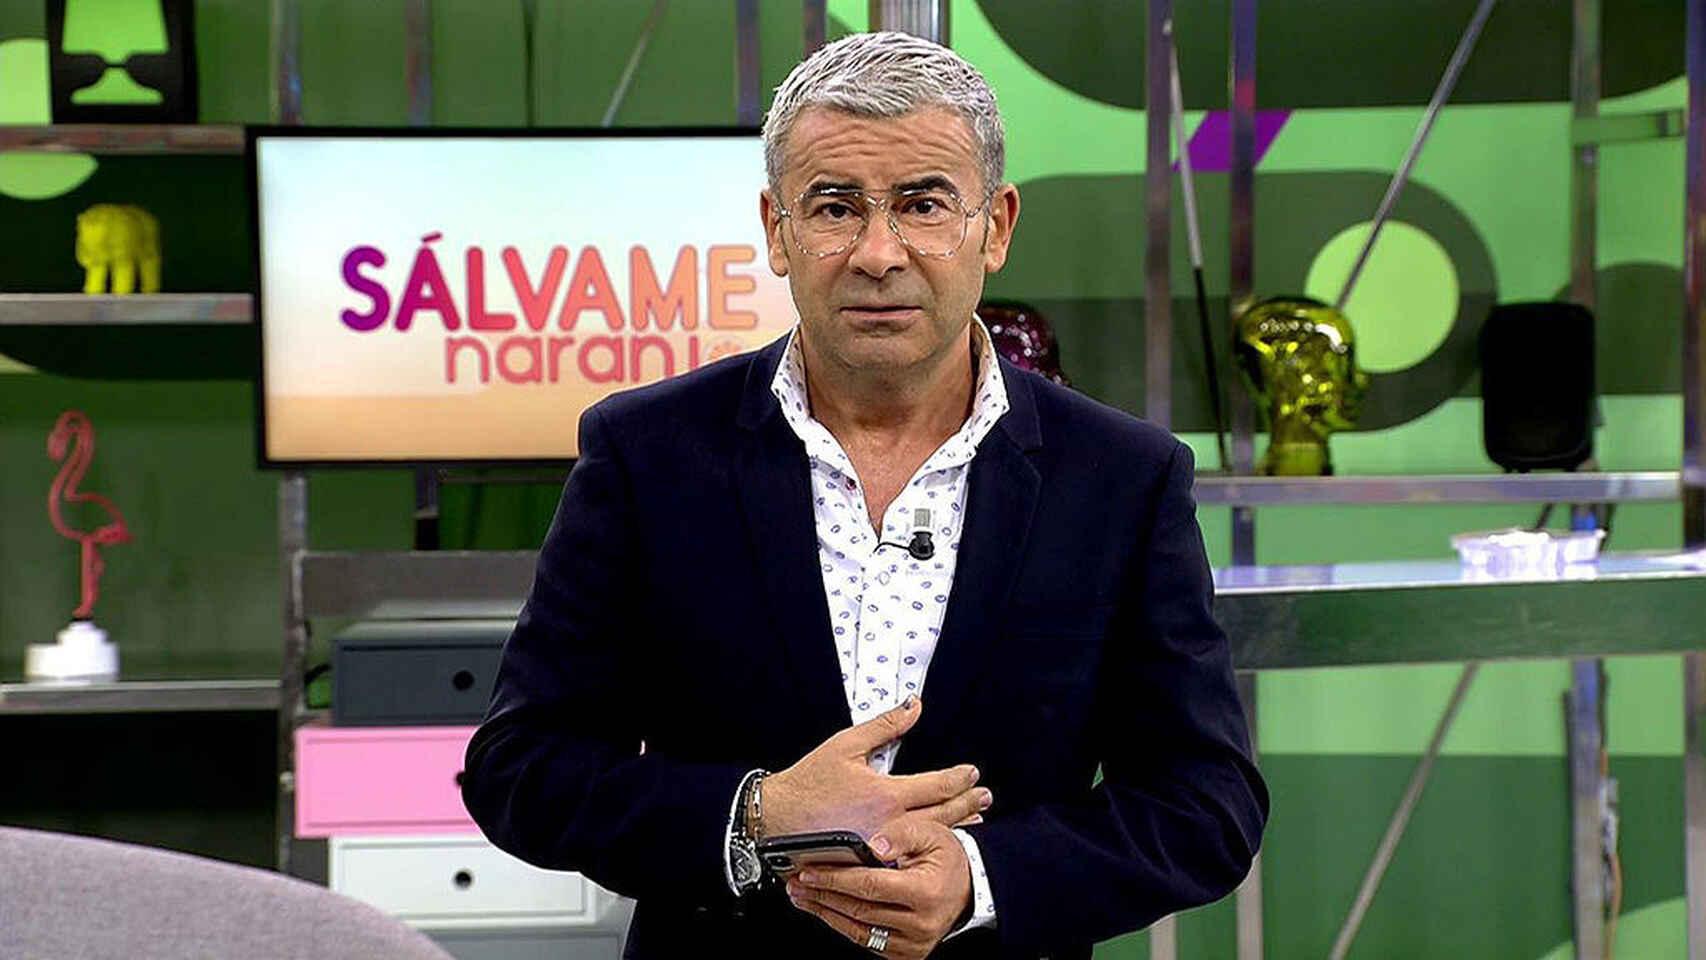 El Supremo falla que Jorge Javier Vázquez daña moralmente a menores y Telecinco paga millonaria multa